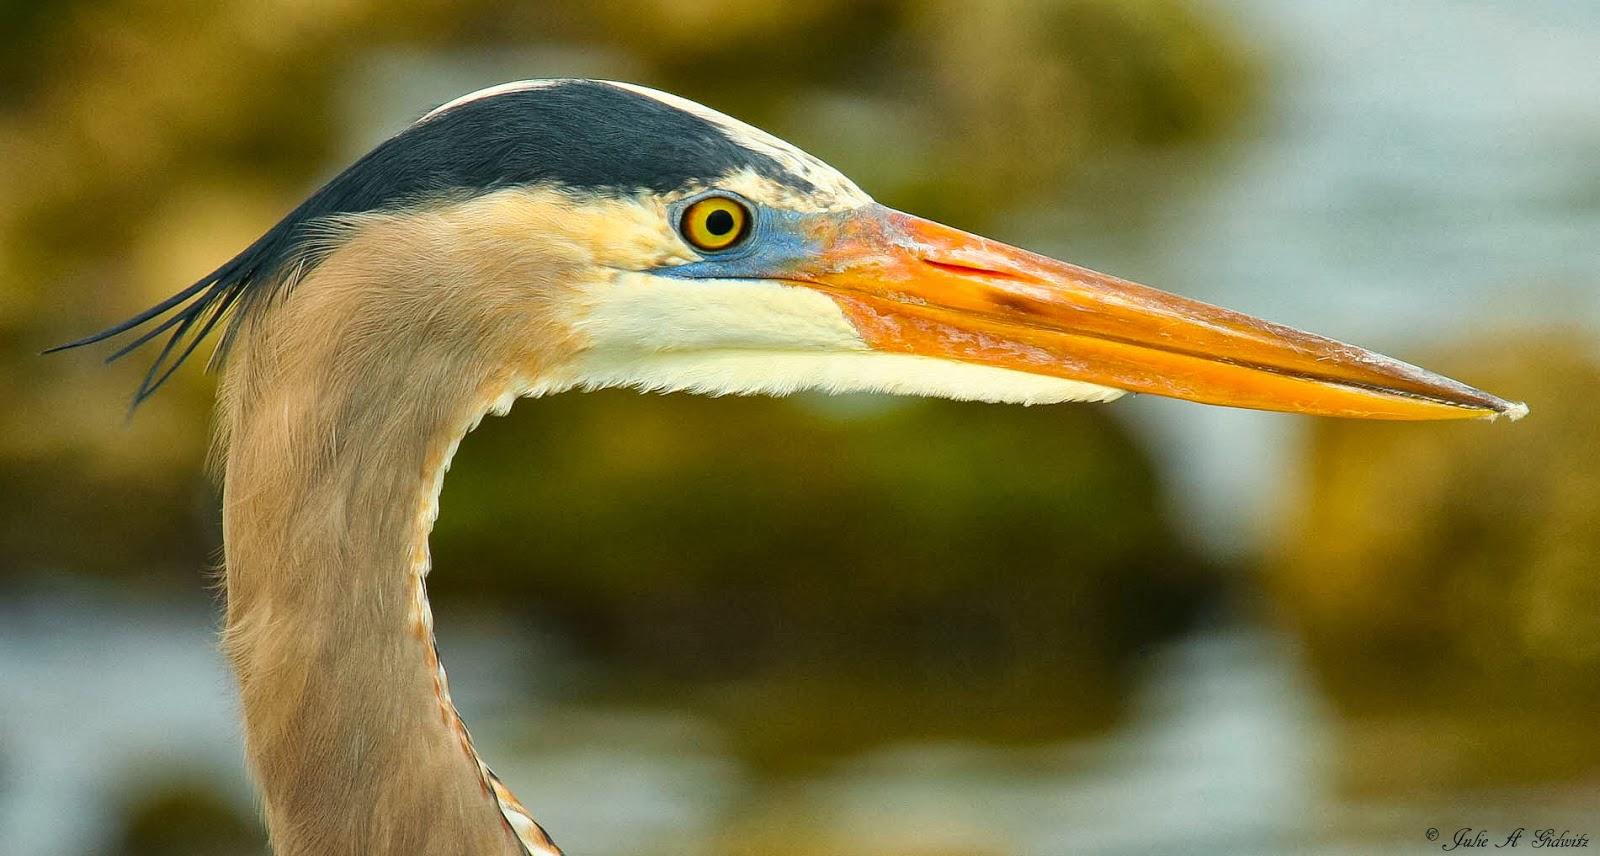 Birding Is Fun!: Suncoast Birds